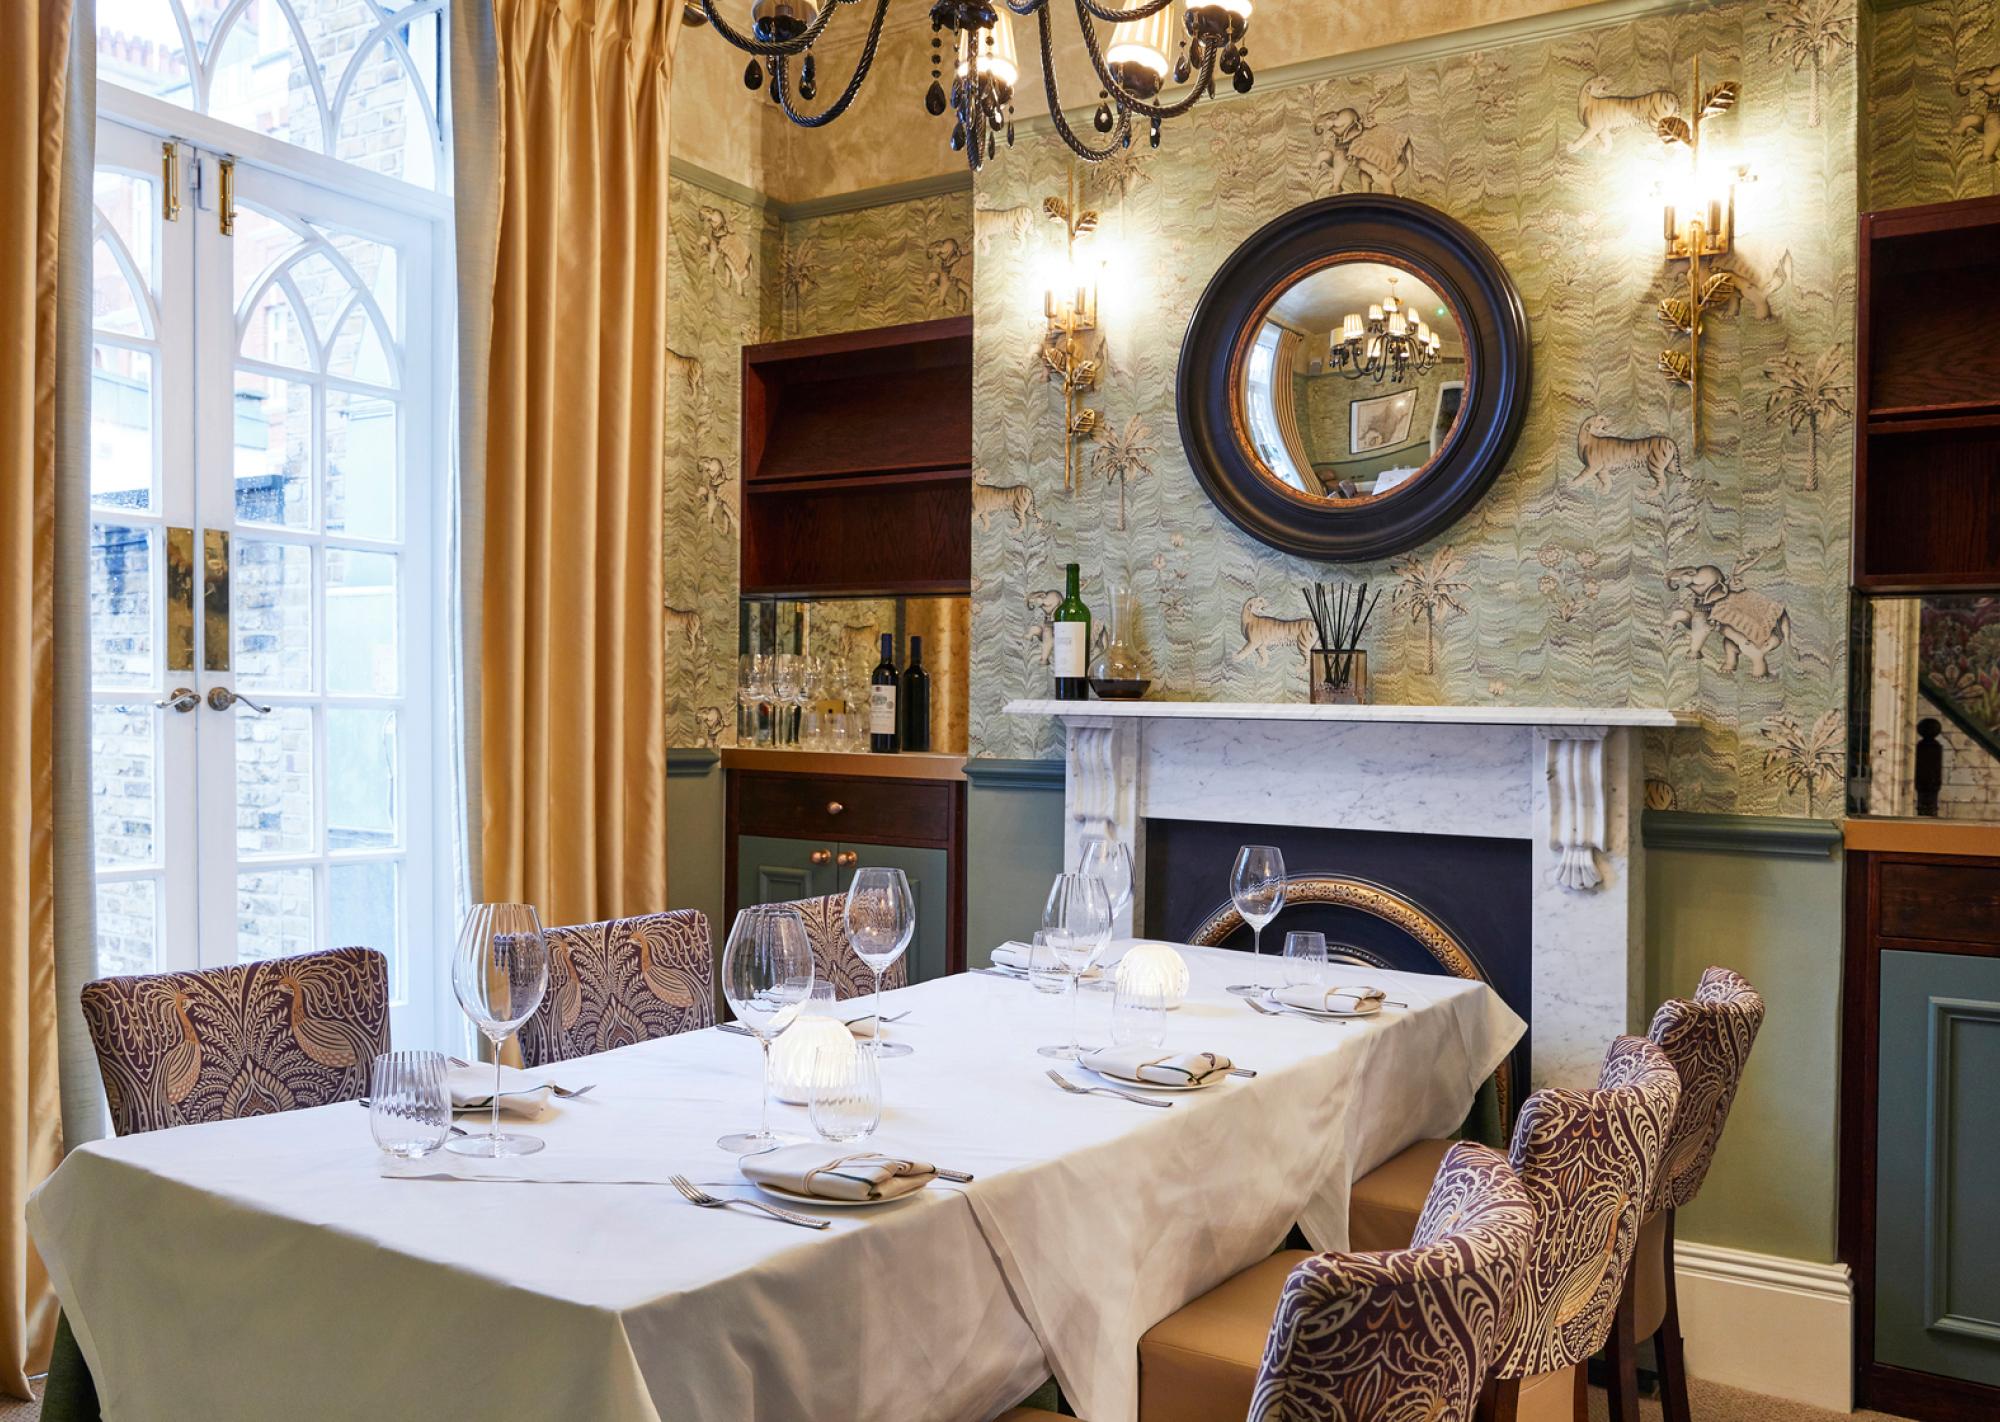 Kutir's intimate and glamorous interior